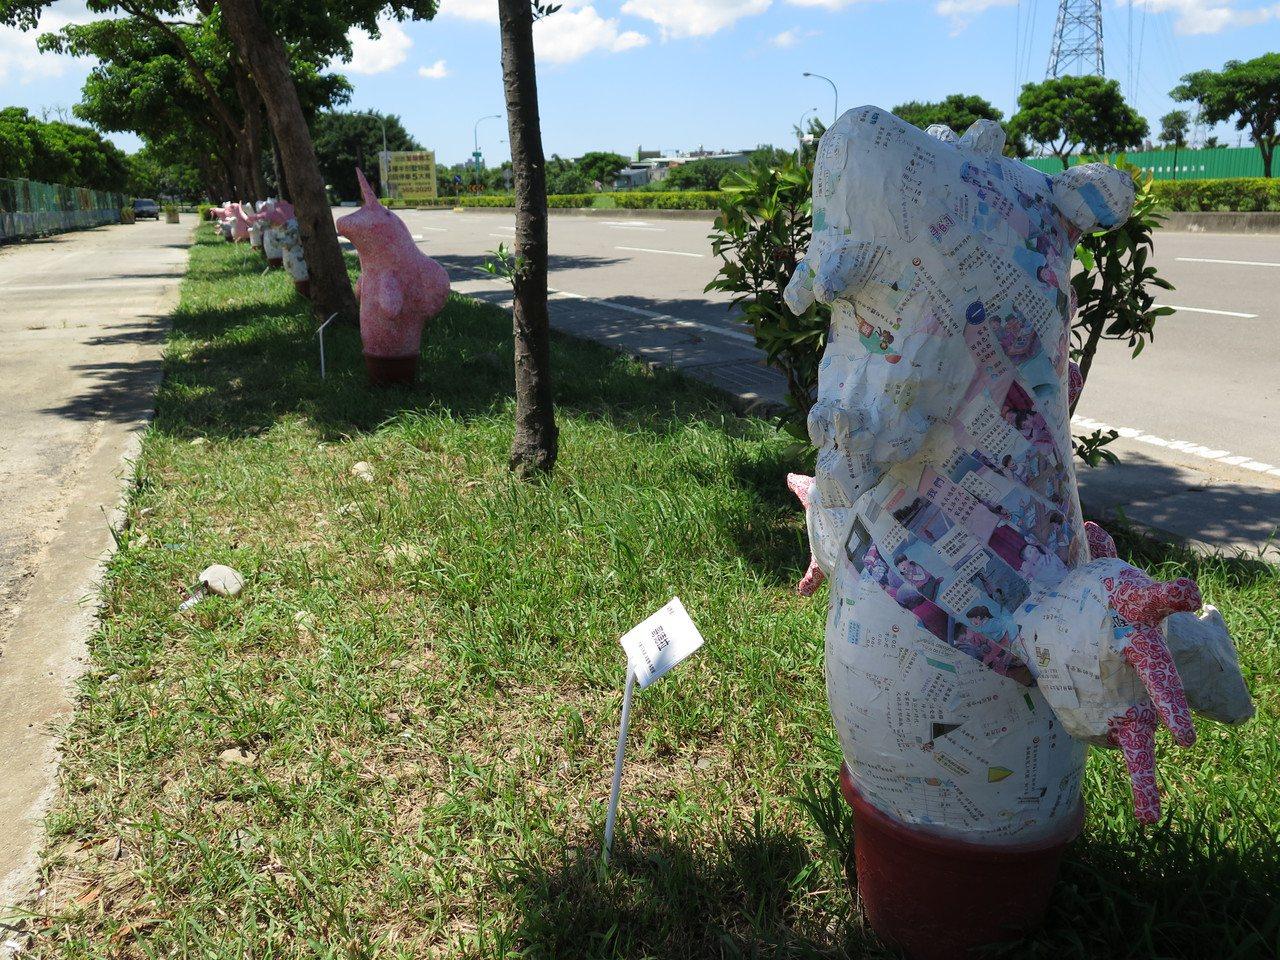 桃園地景藝術節「藝遊八塊厝」作品之一「保護色」則是用小學生回收課本的紙張,製作成...